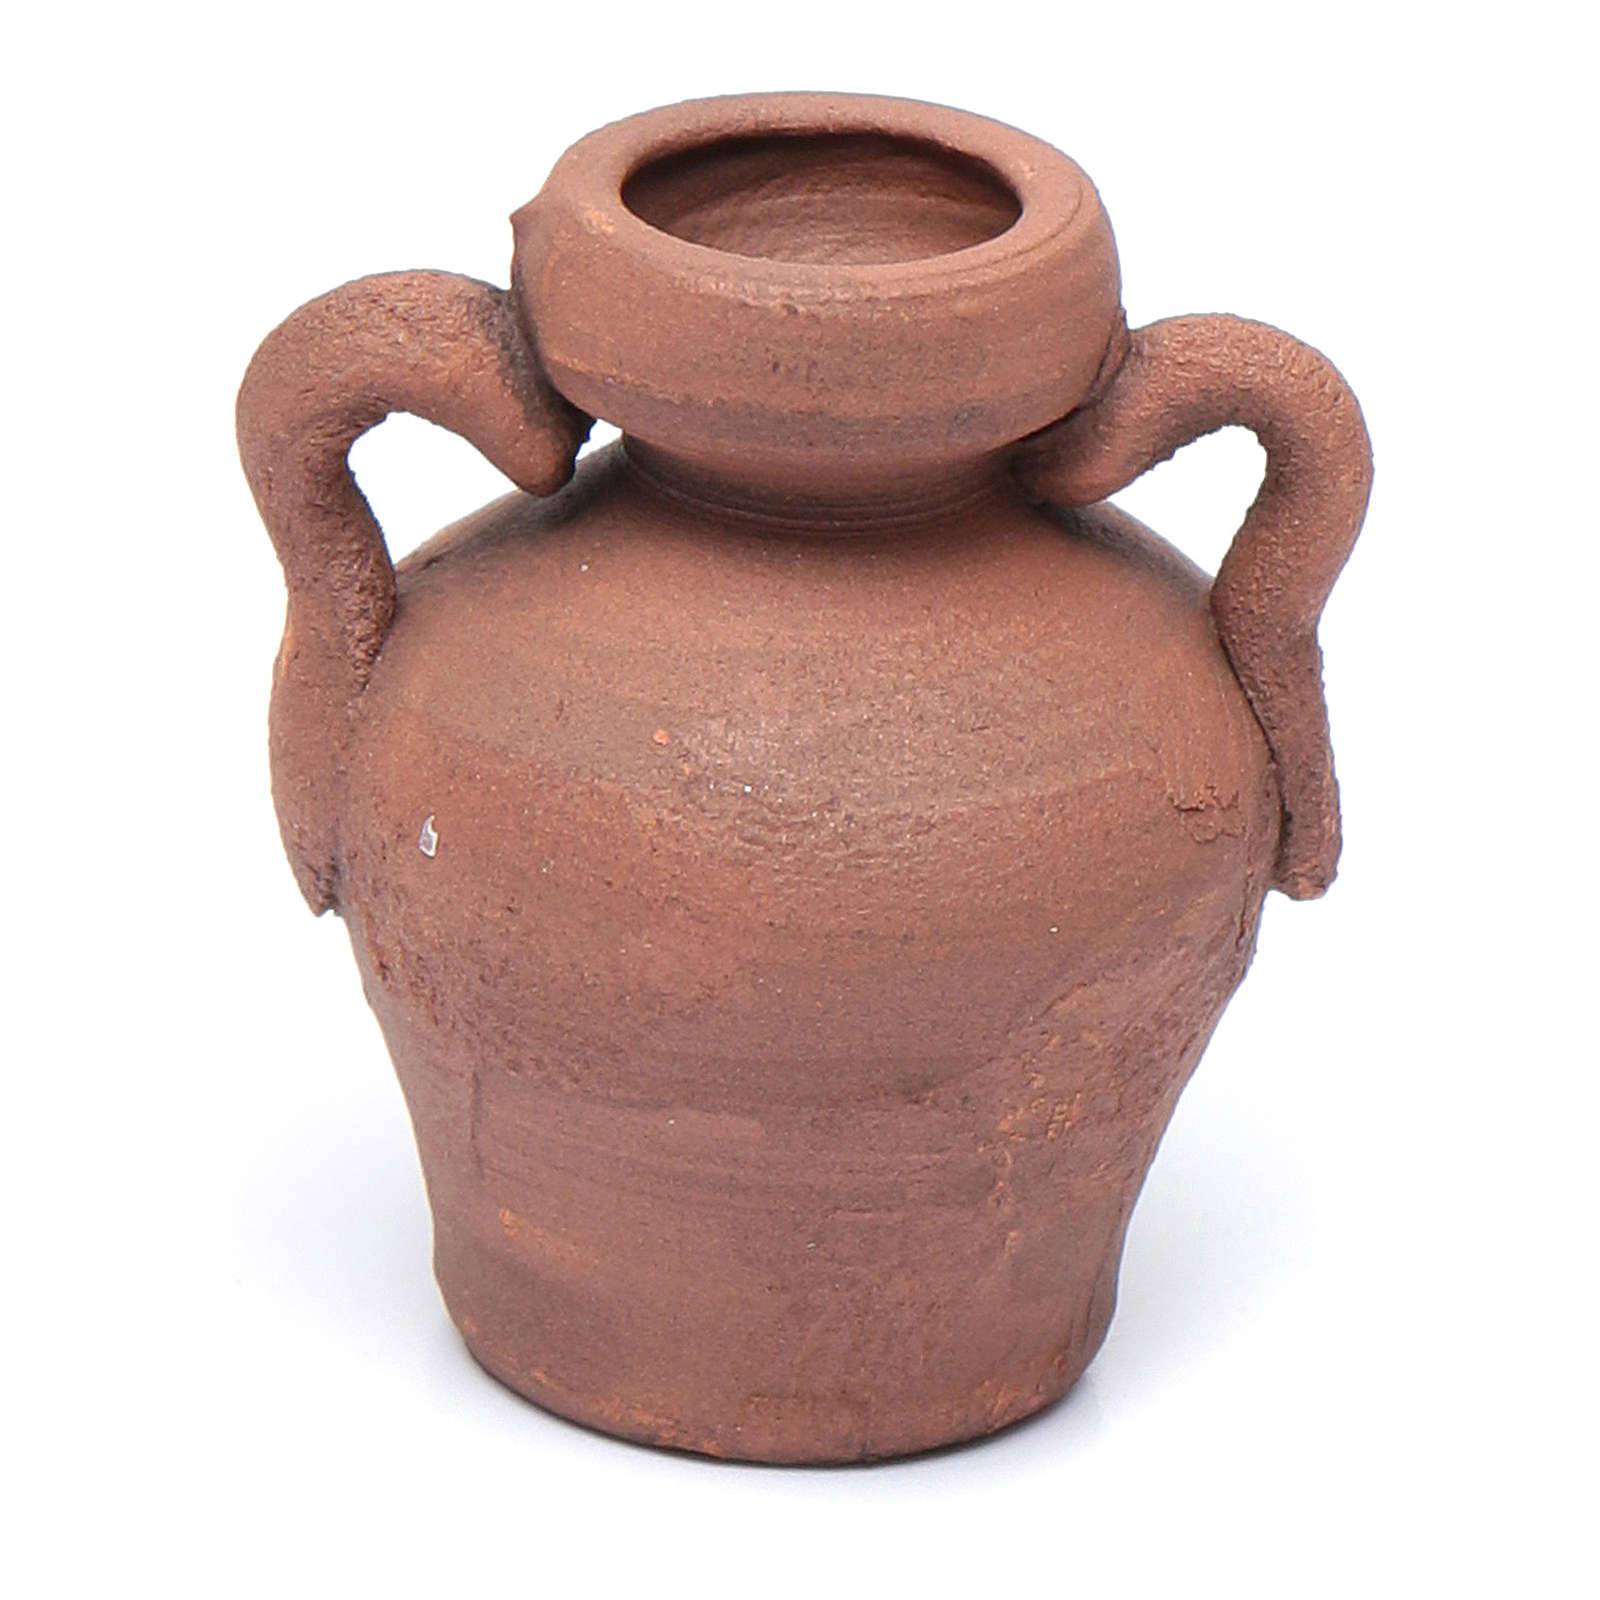 Ánfora cerámica rústica h real 2,5 cm surtida 4